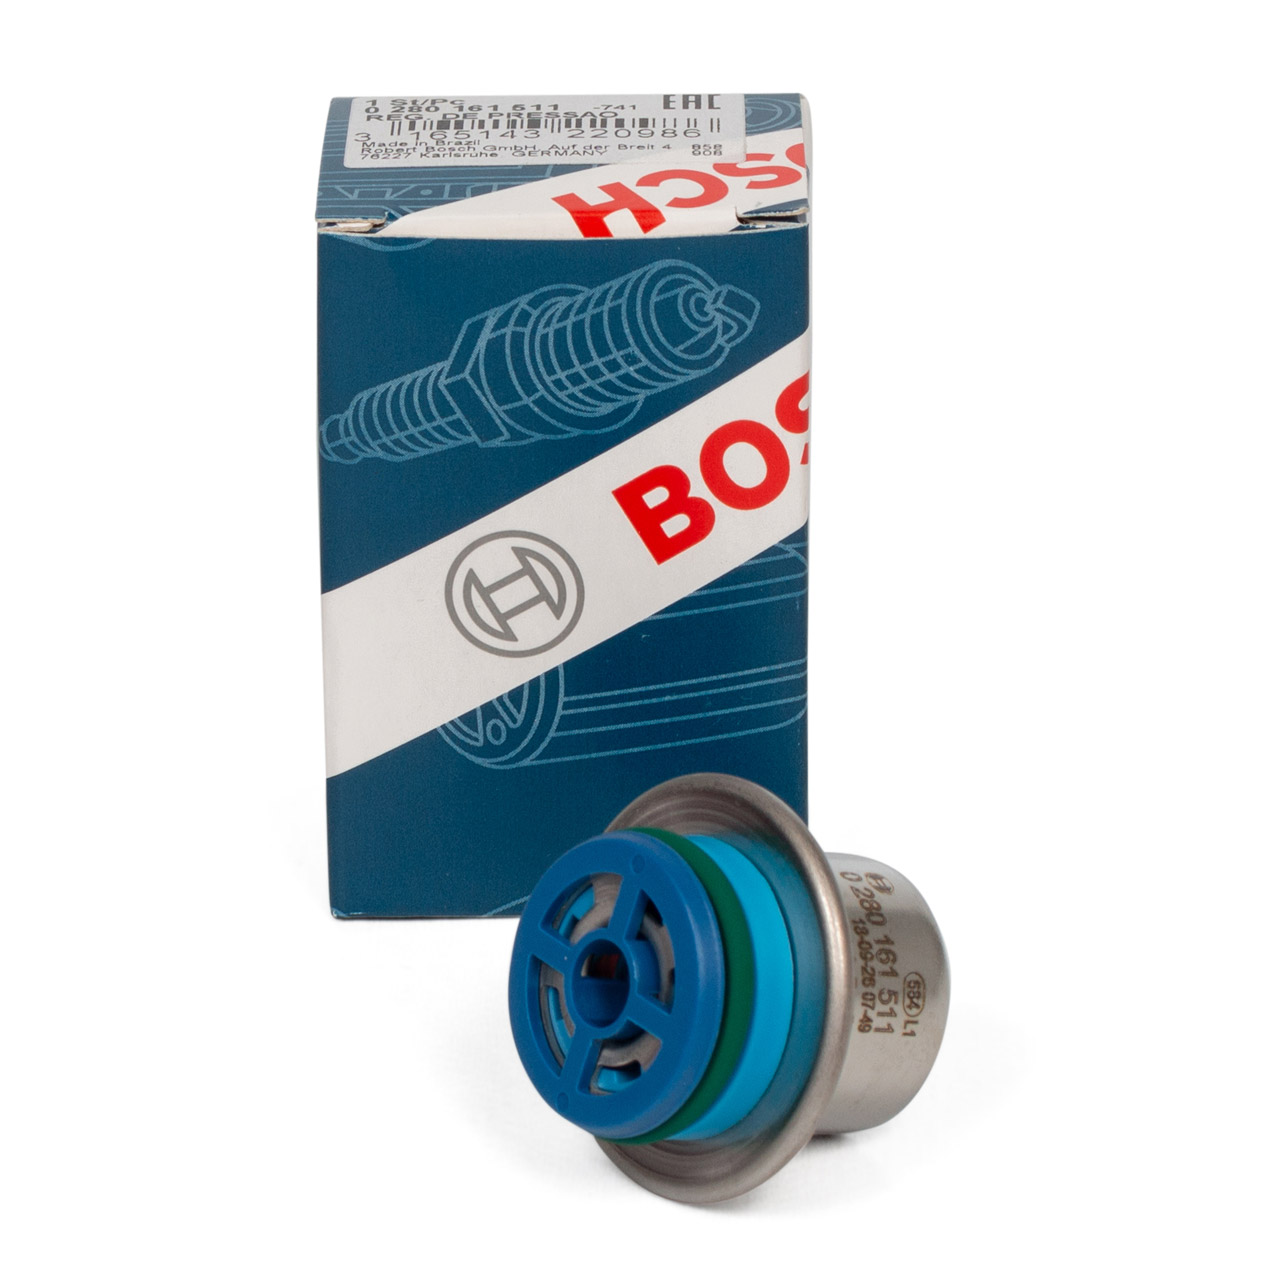 BOSCH 0280161511 Kraftstoffdruckregler MERCEDES W203 S203 CL203 W210 R171 M111 M271